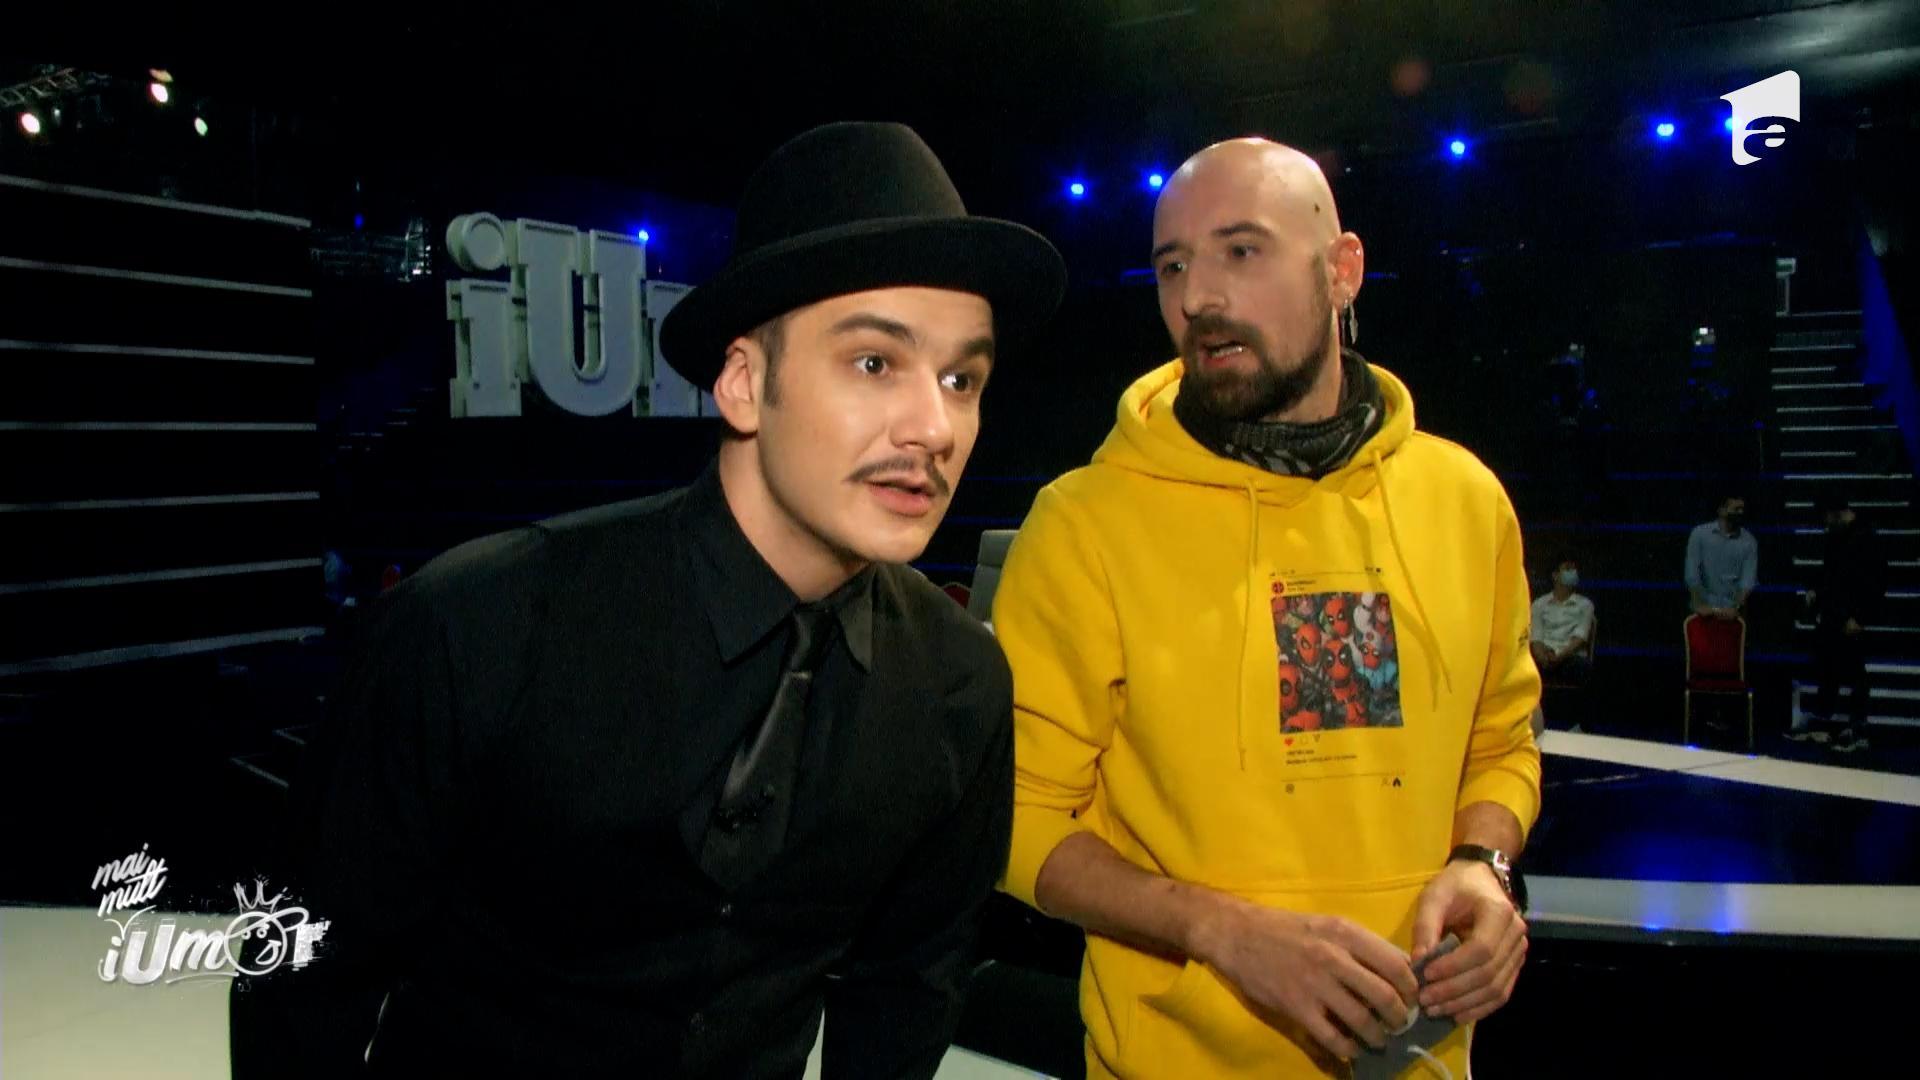 Vlad Drăgulin prezintă iMai mult Umor, episodul 7. Hai să vezi ce surprize din culise a pregătit!